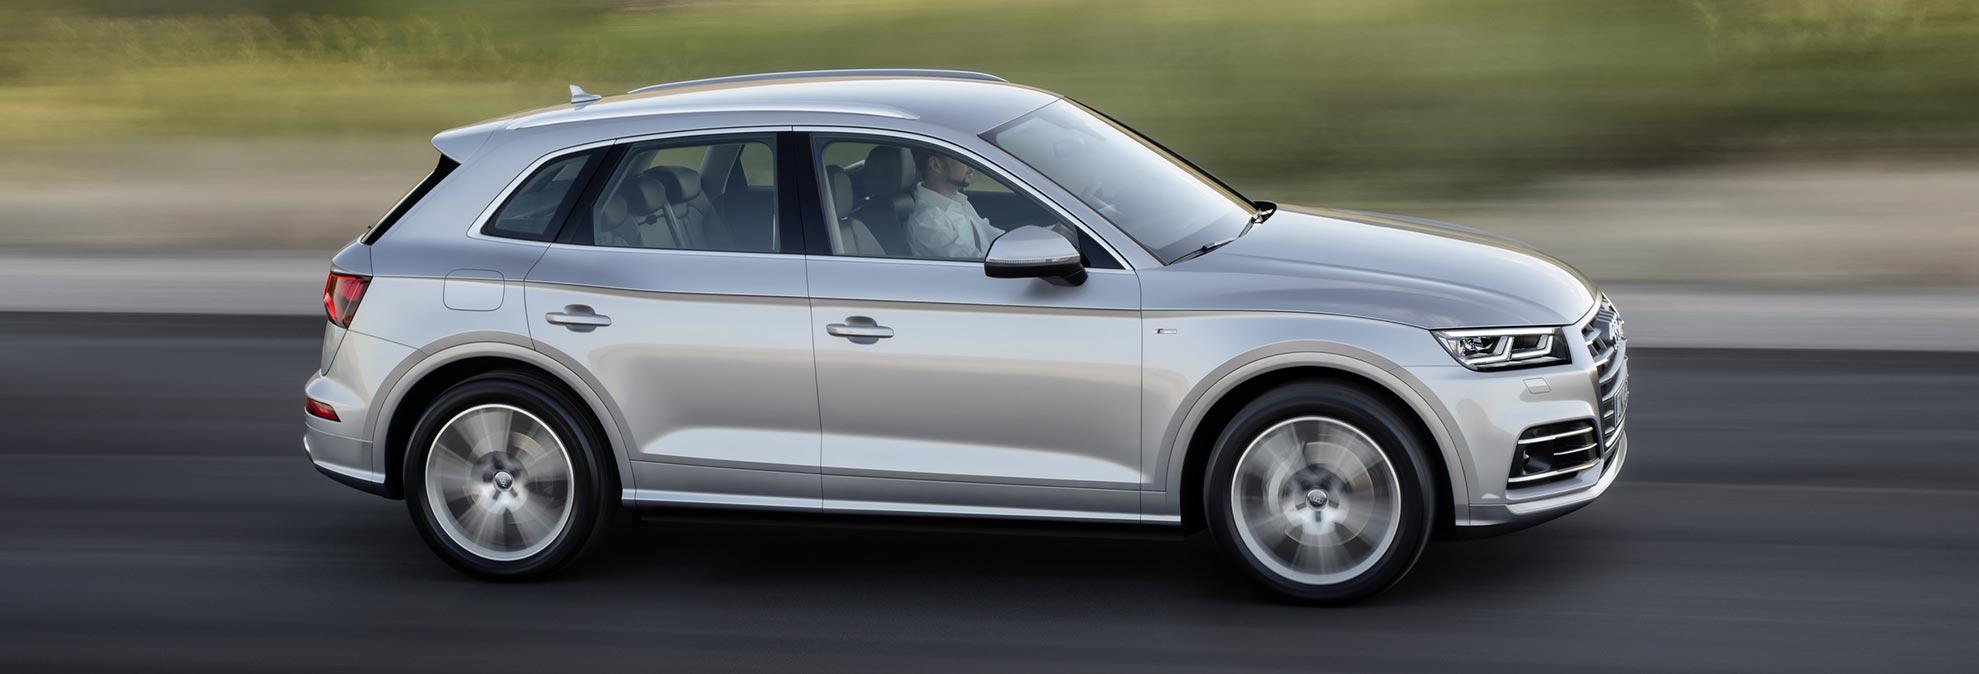 Preview 2018 Audi Q5 Suv Consumer Reports